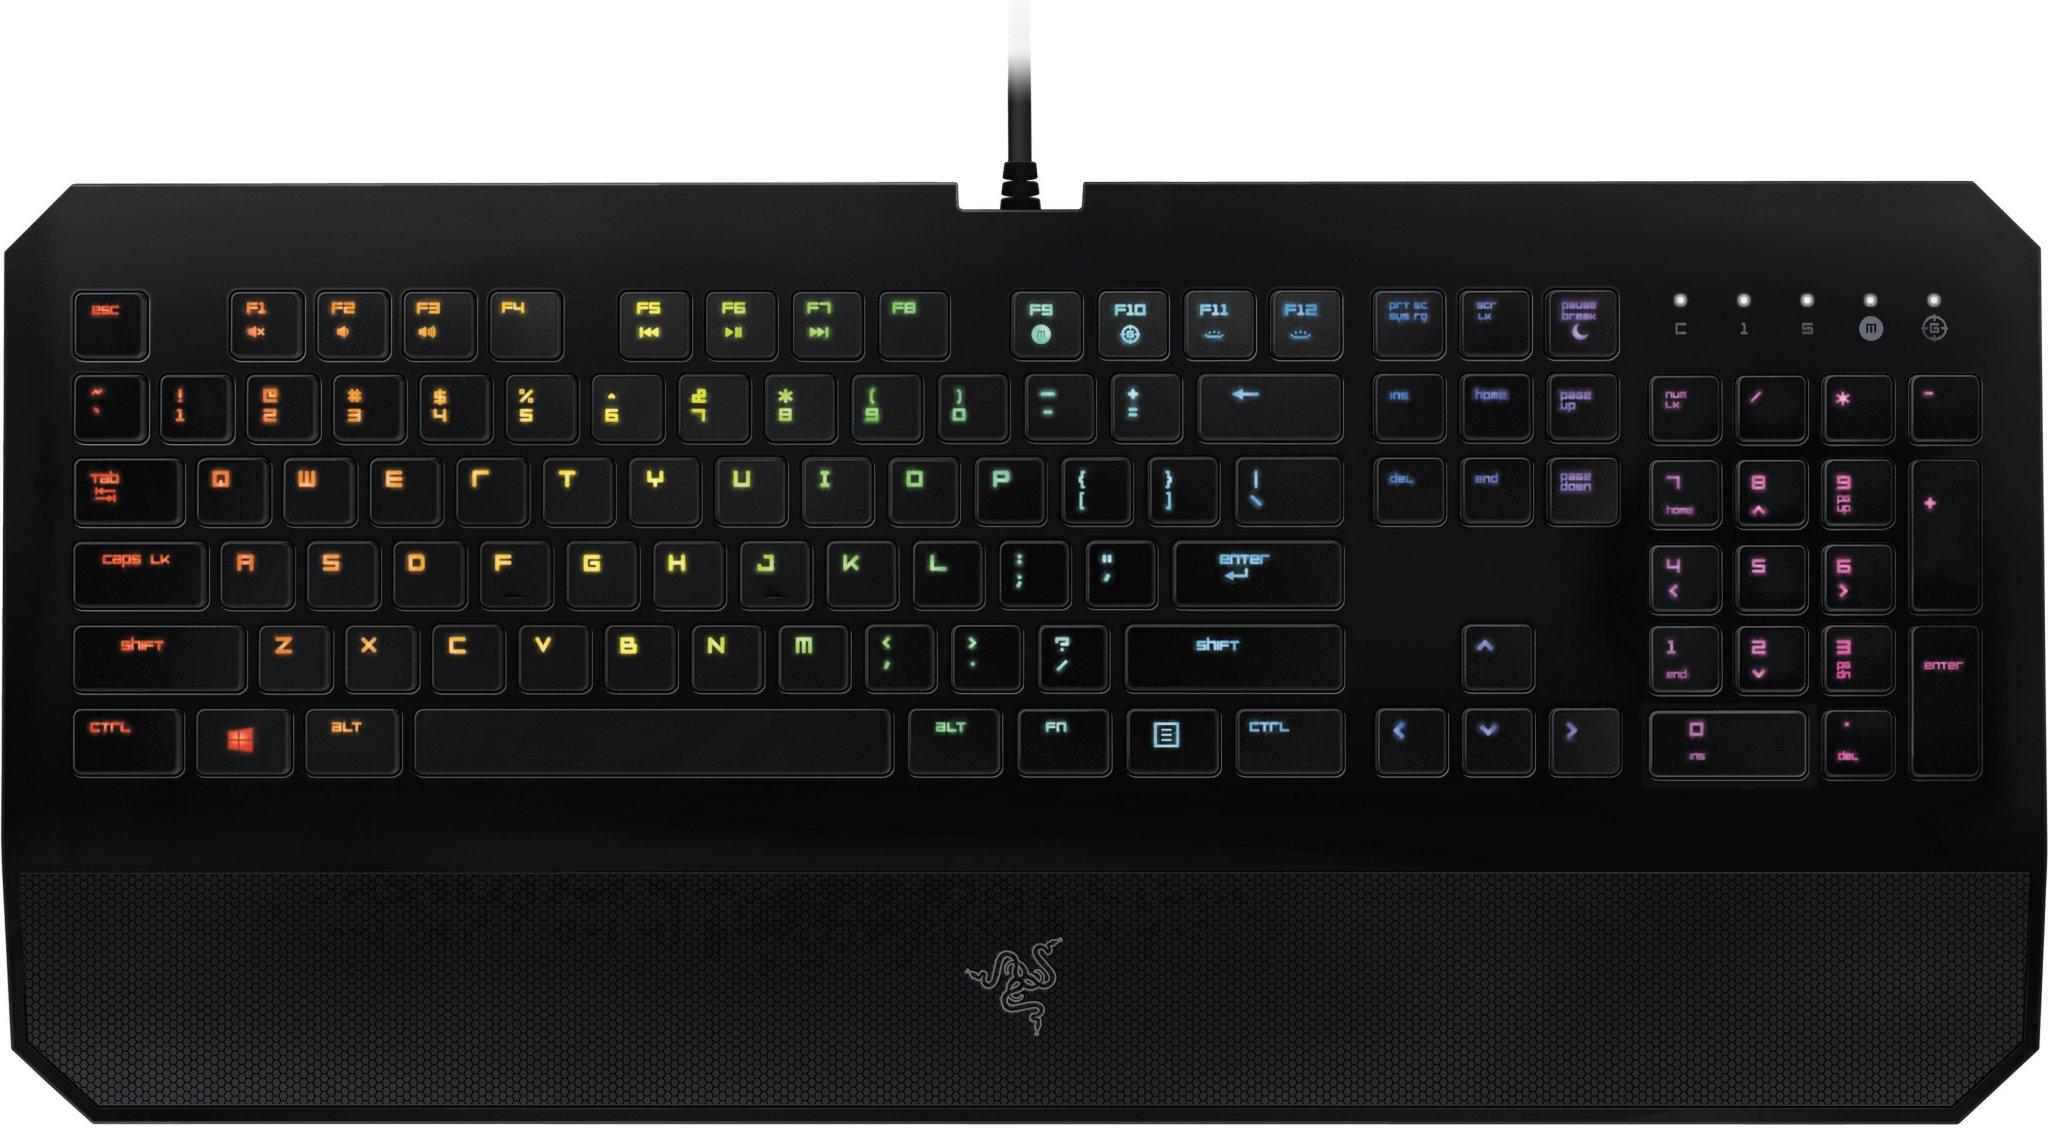 Razer DeathStalker Chroma Tastatur Komplett.no